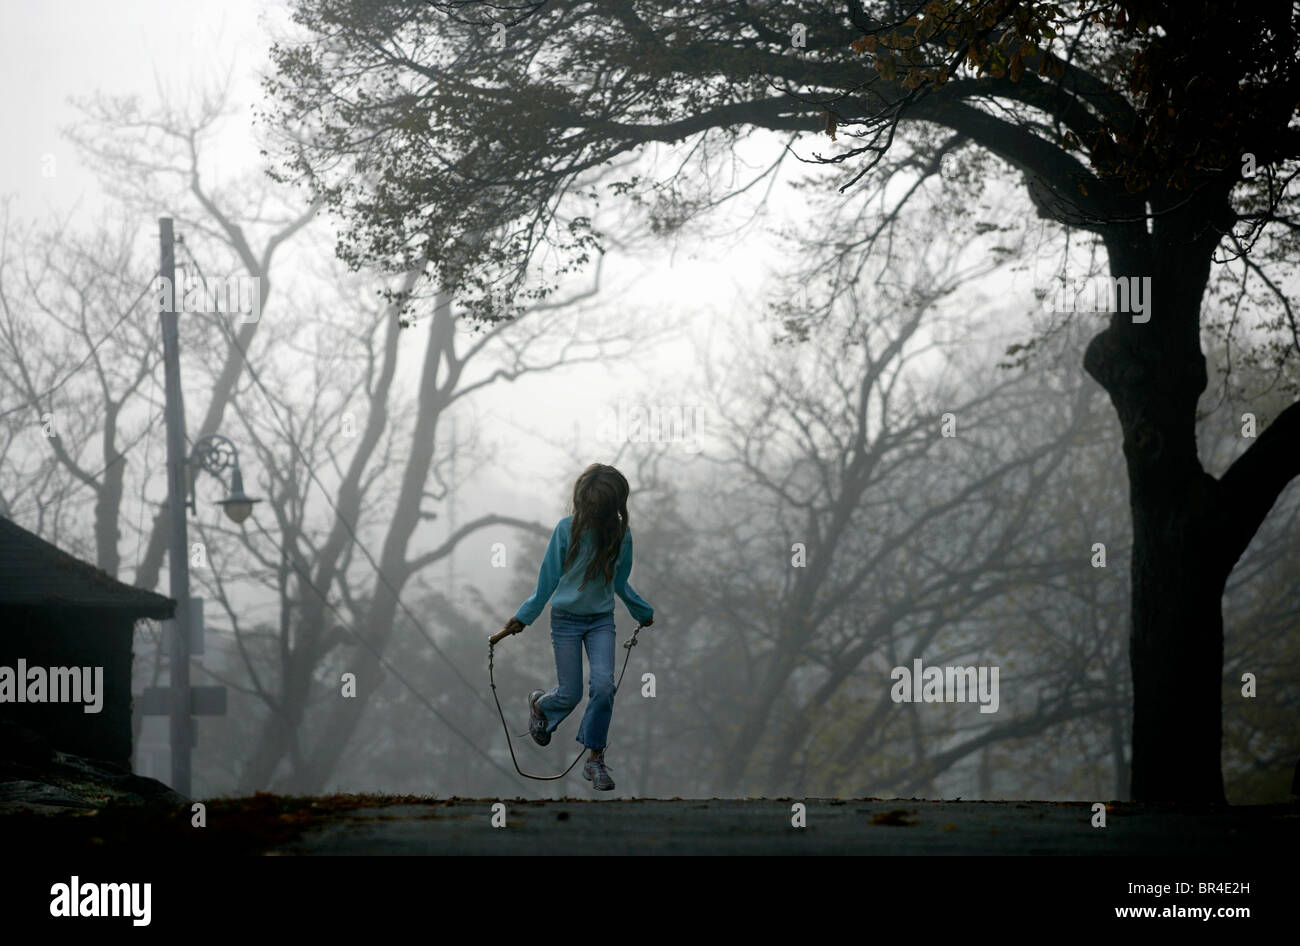 Une jeune fille saute à la corde. Photo Stock